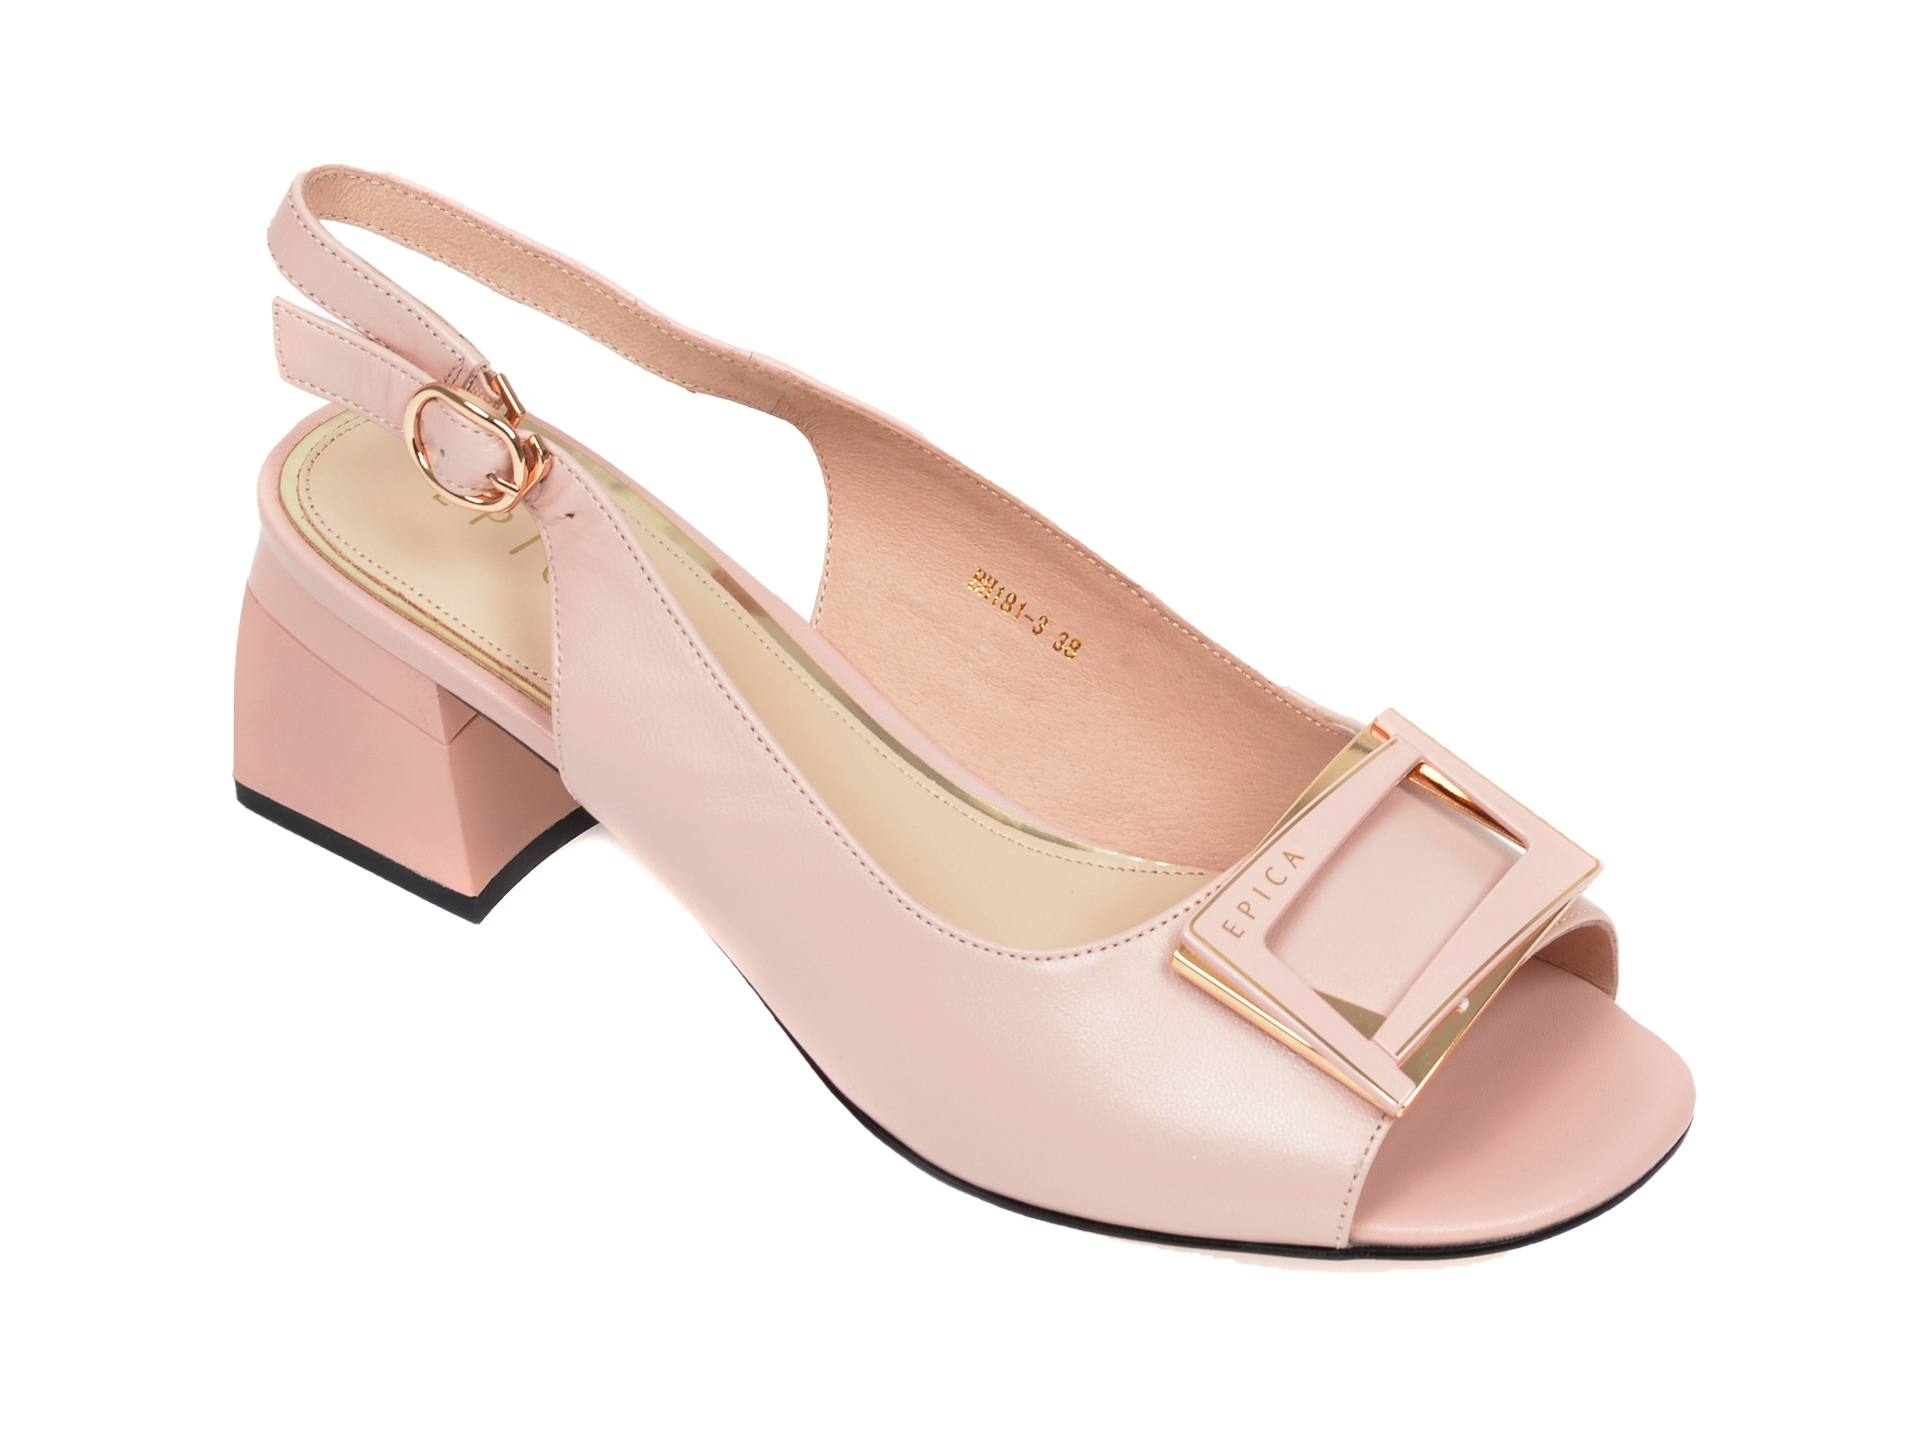 Sandale EPICA nude, BH181, din piele naturala